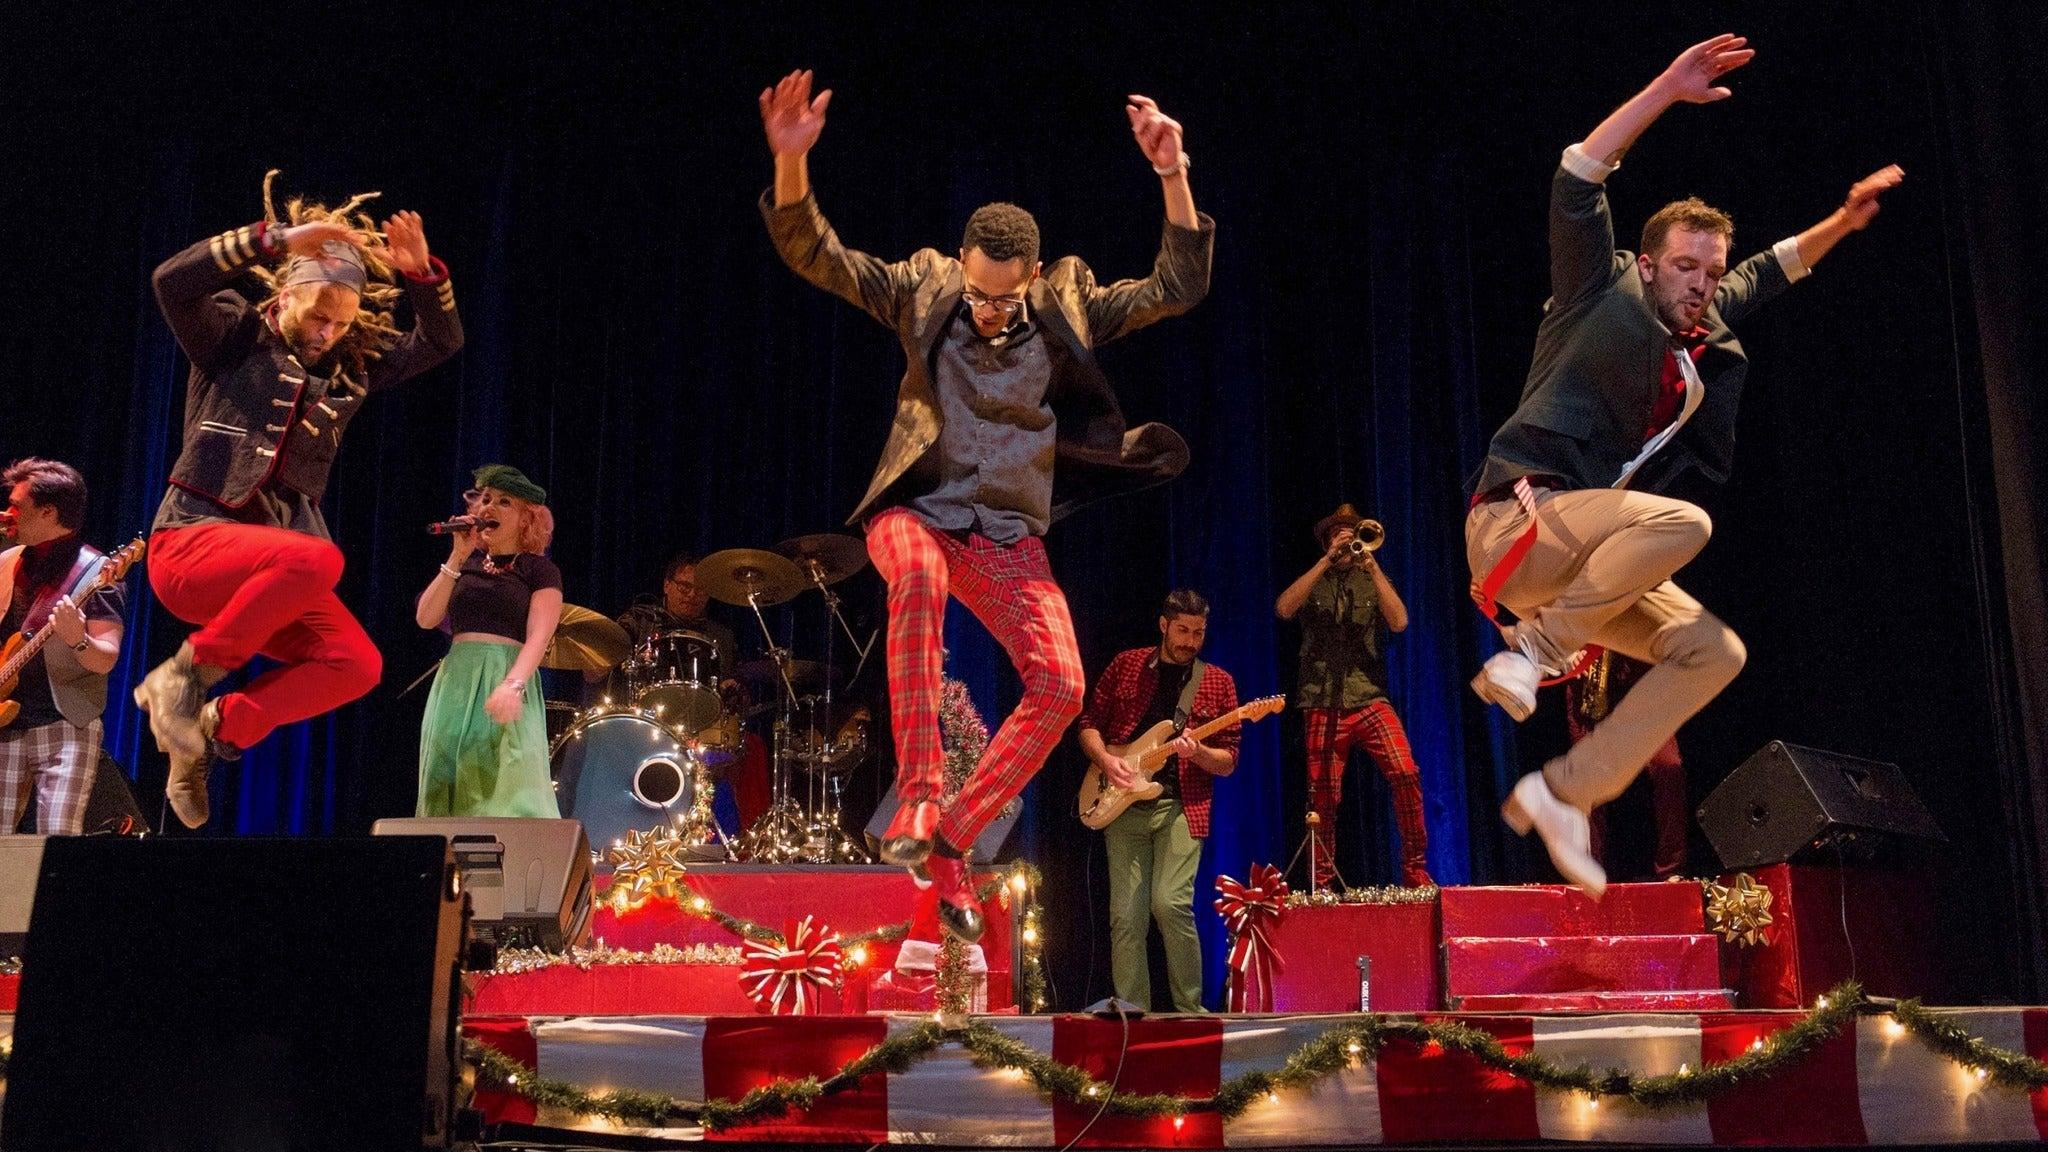 Rhythmic Circus: Holiday Shuffle at Ames Center